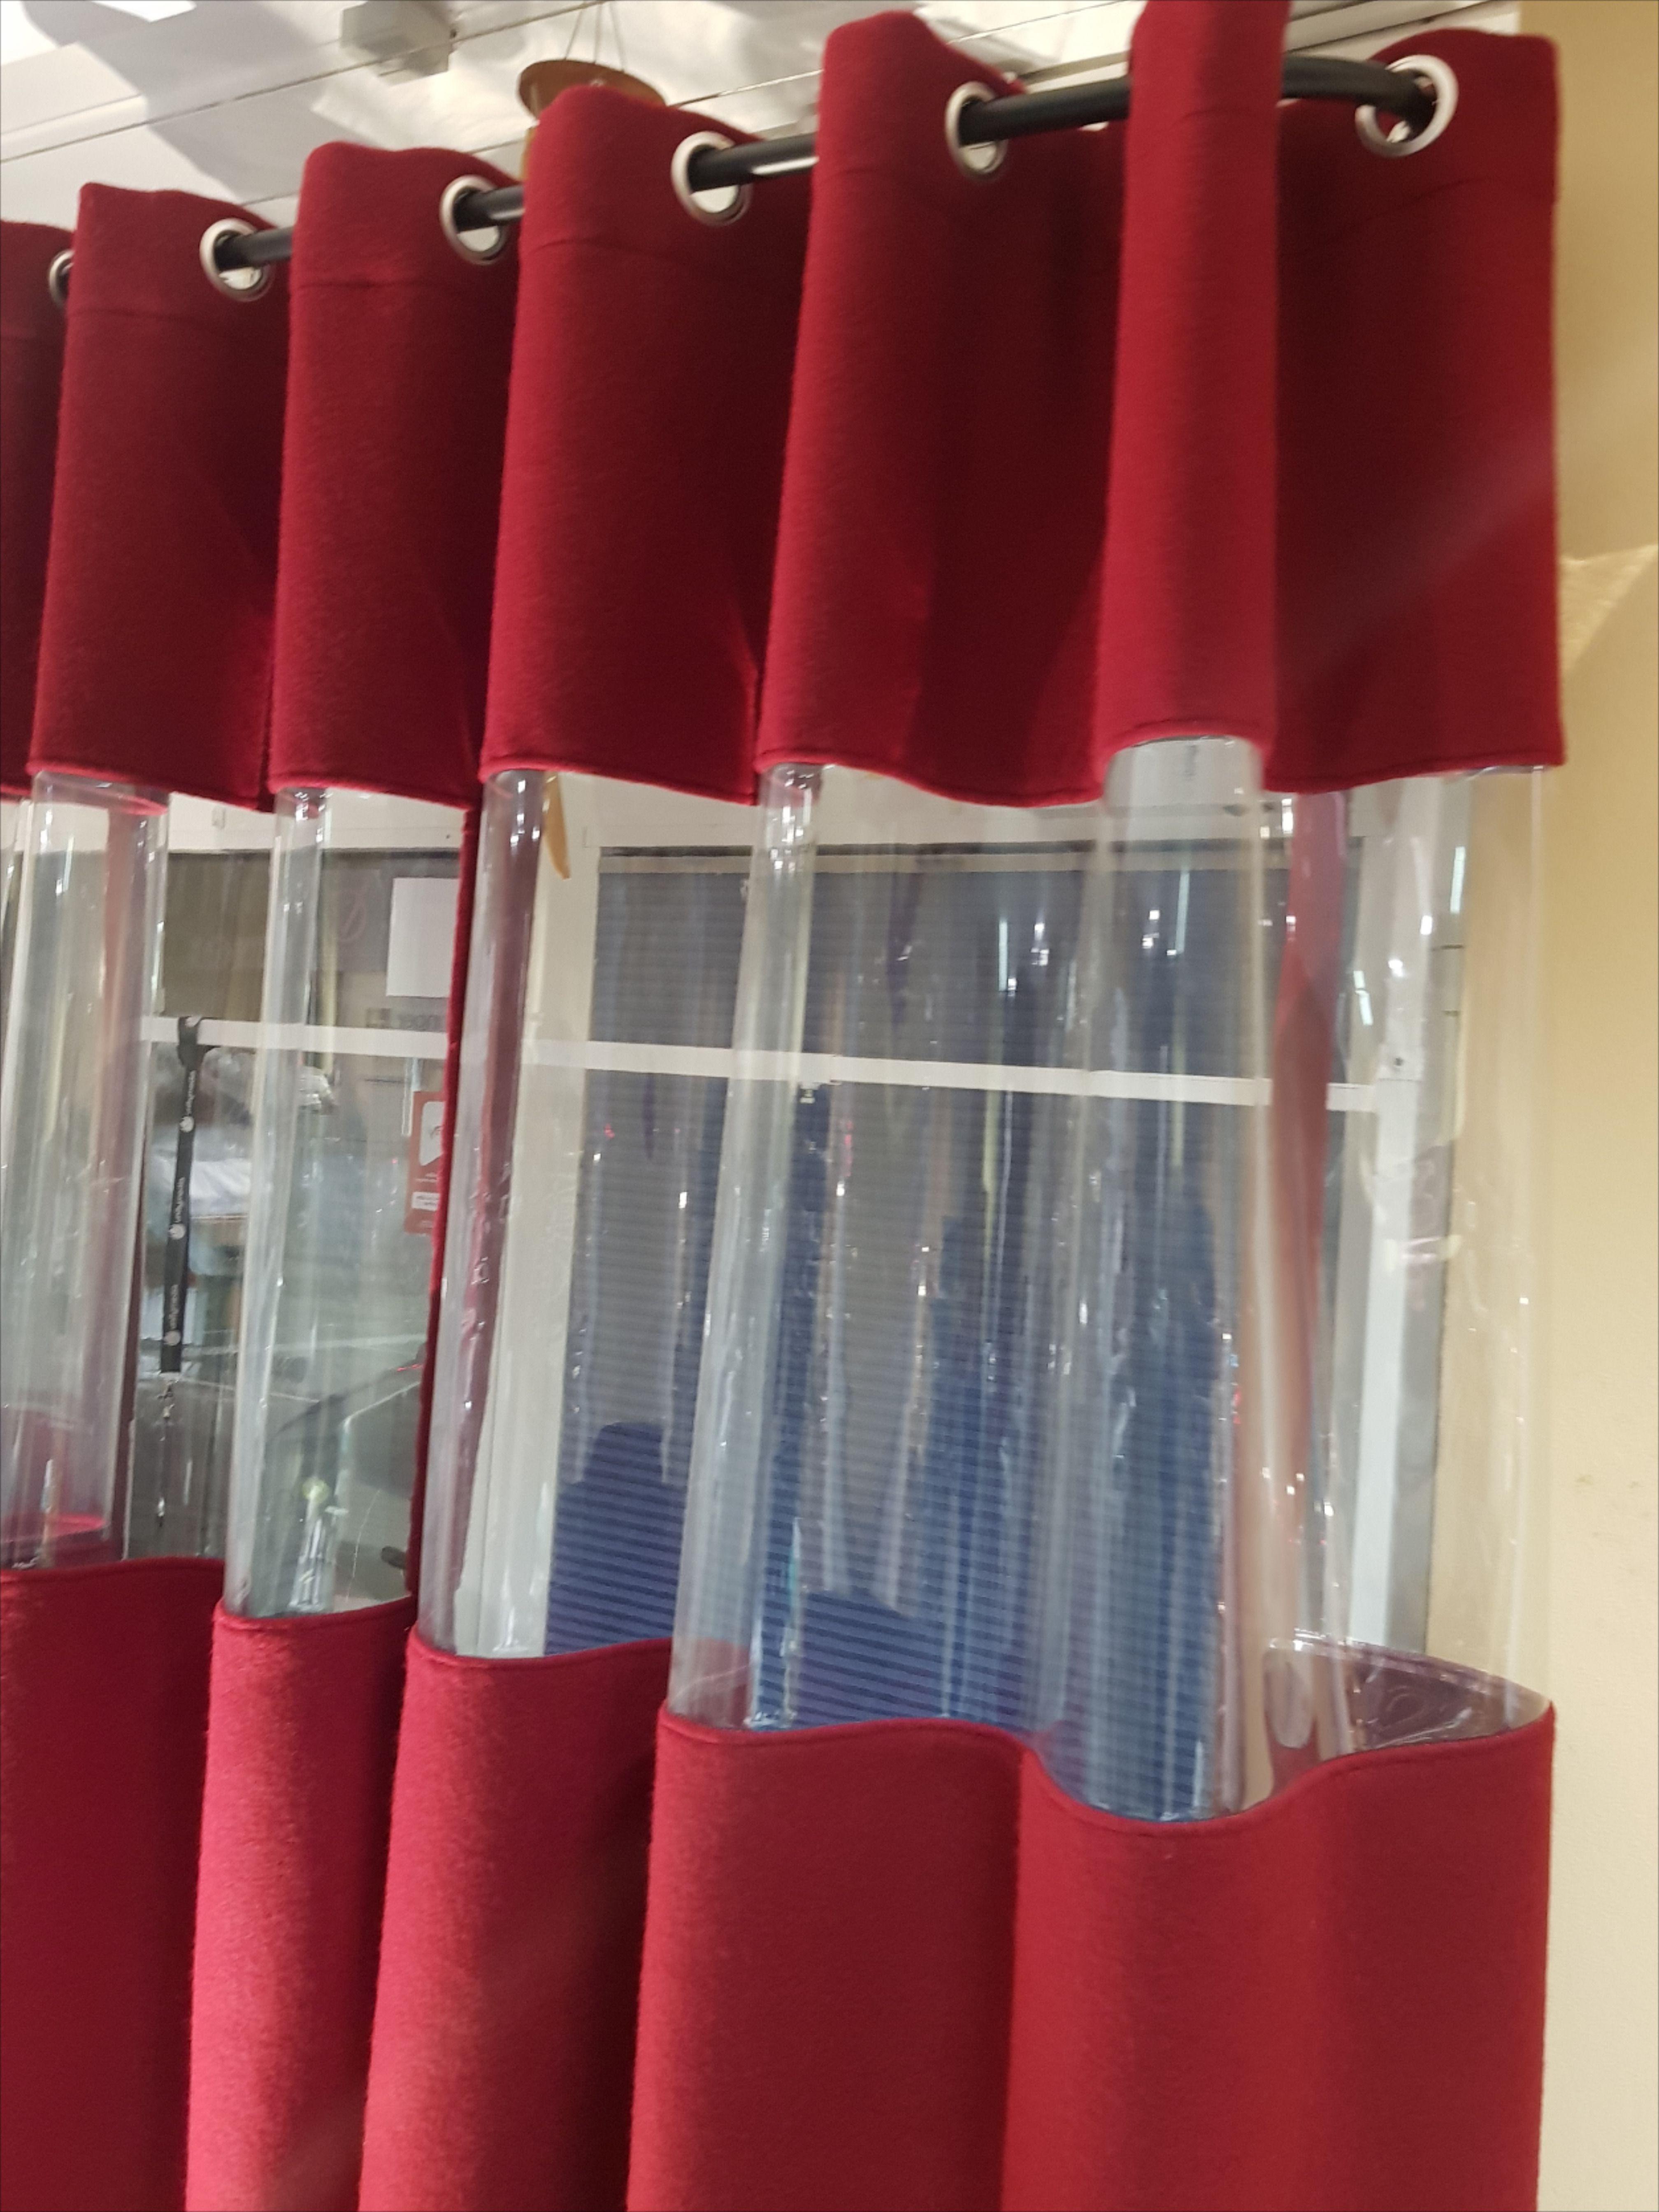 Gastro Vorhang Mit Sichtfenster Extra Schwer Schurwolle Flammenhemmend B1 Gardinenstange Vorhange Outdoor Vorhange